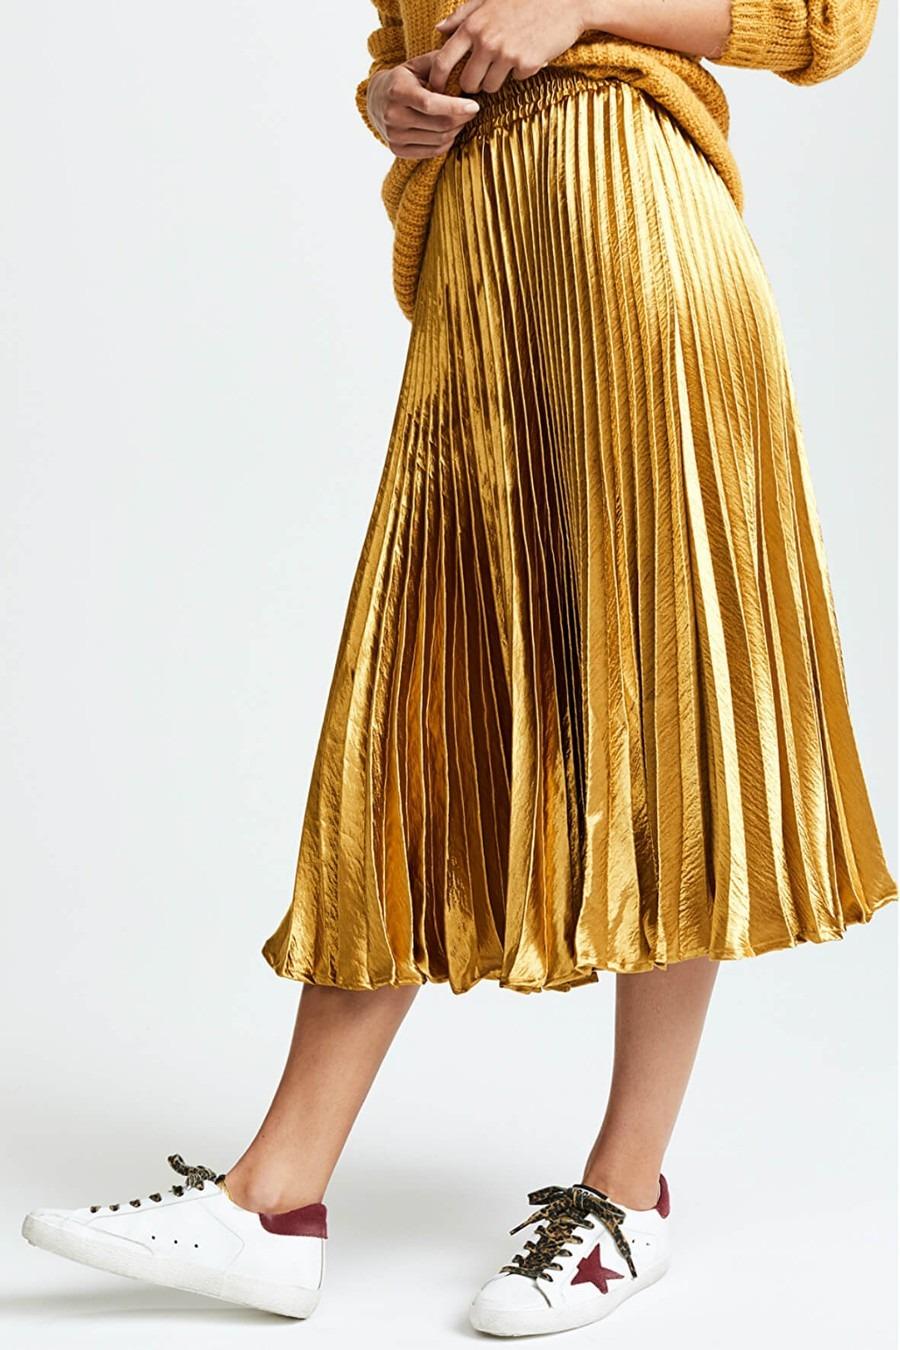 english-factory-metallic-satin-pleated-skirt-4 (1)